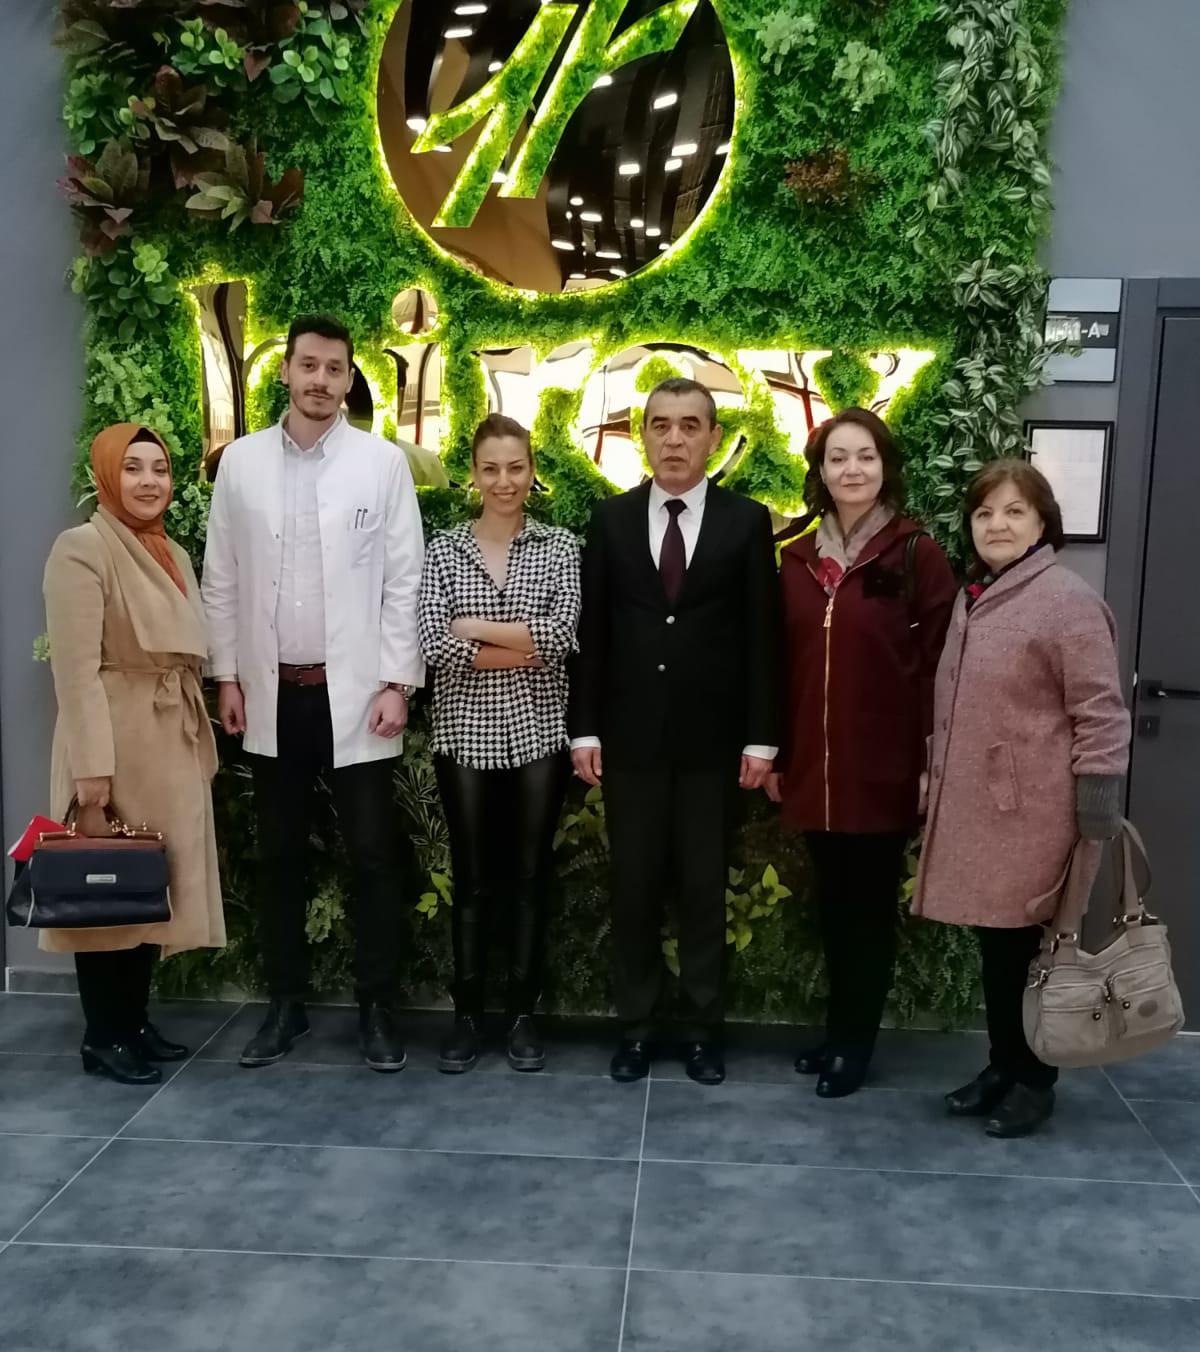 Birey   Blog   Eskişehir Büyükşehir Belediyesi Kültür ve Sanat  birimi okulumuza konuk oldu.